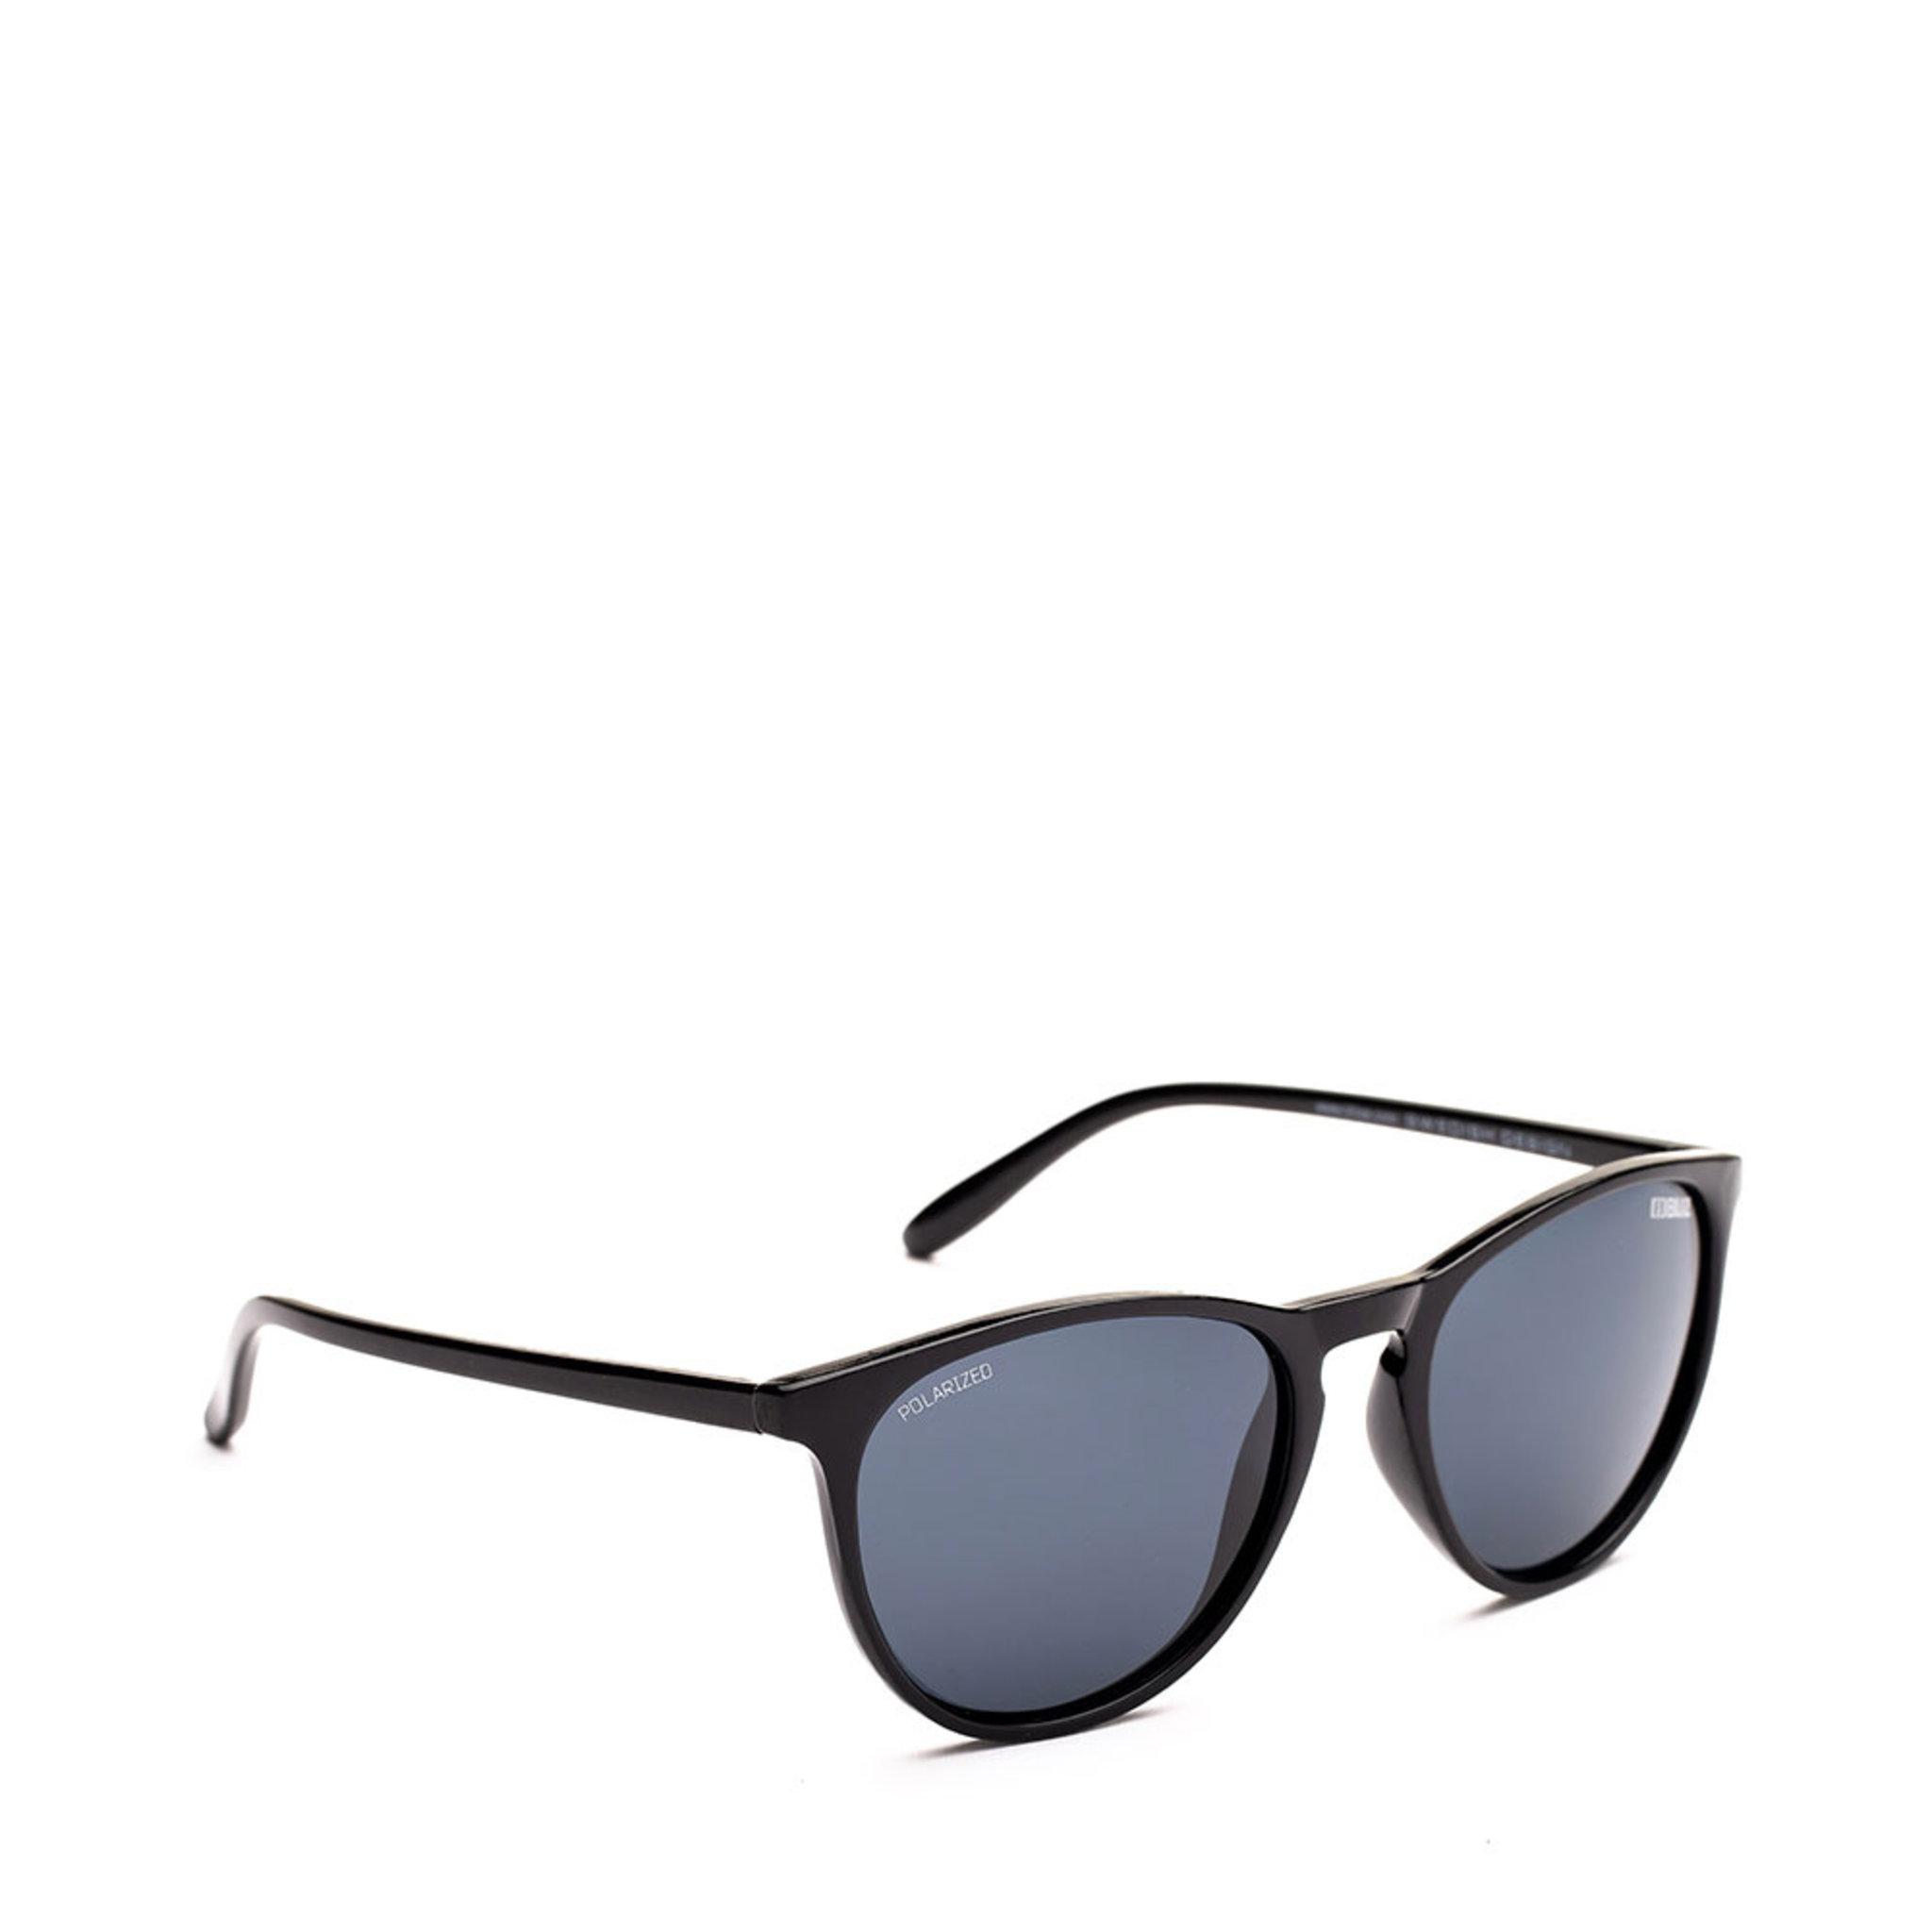 Solglasögon Jordan